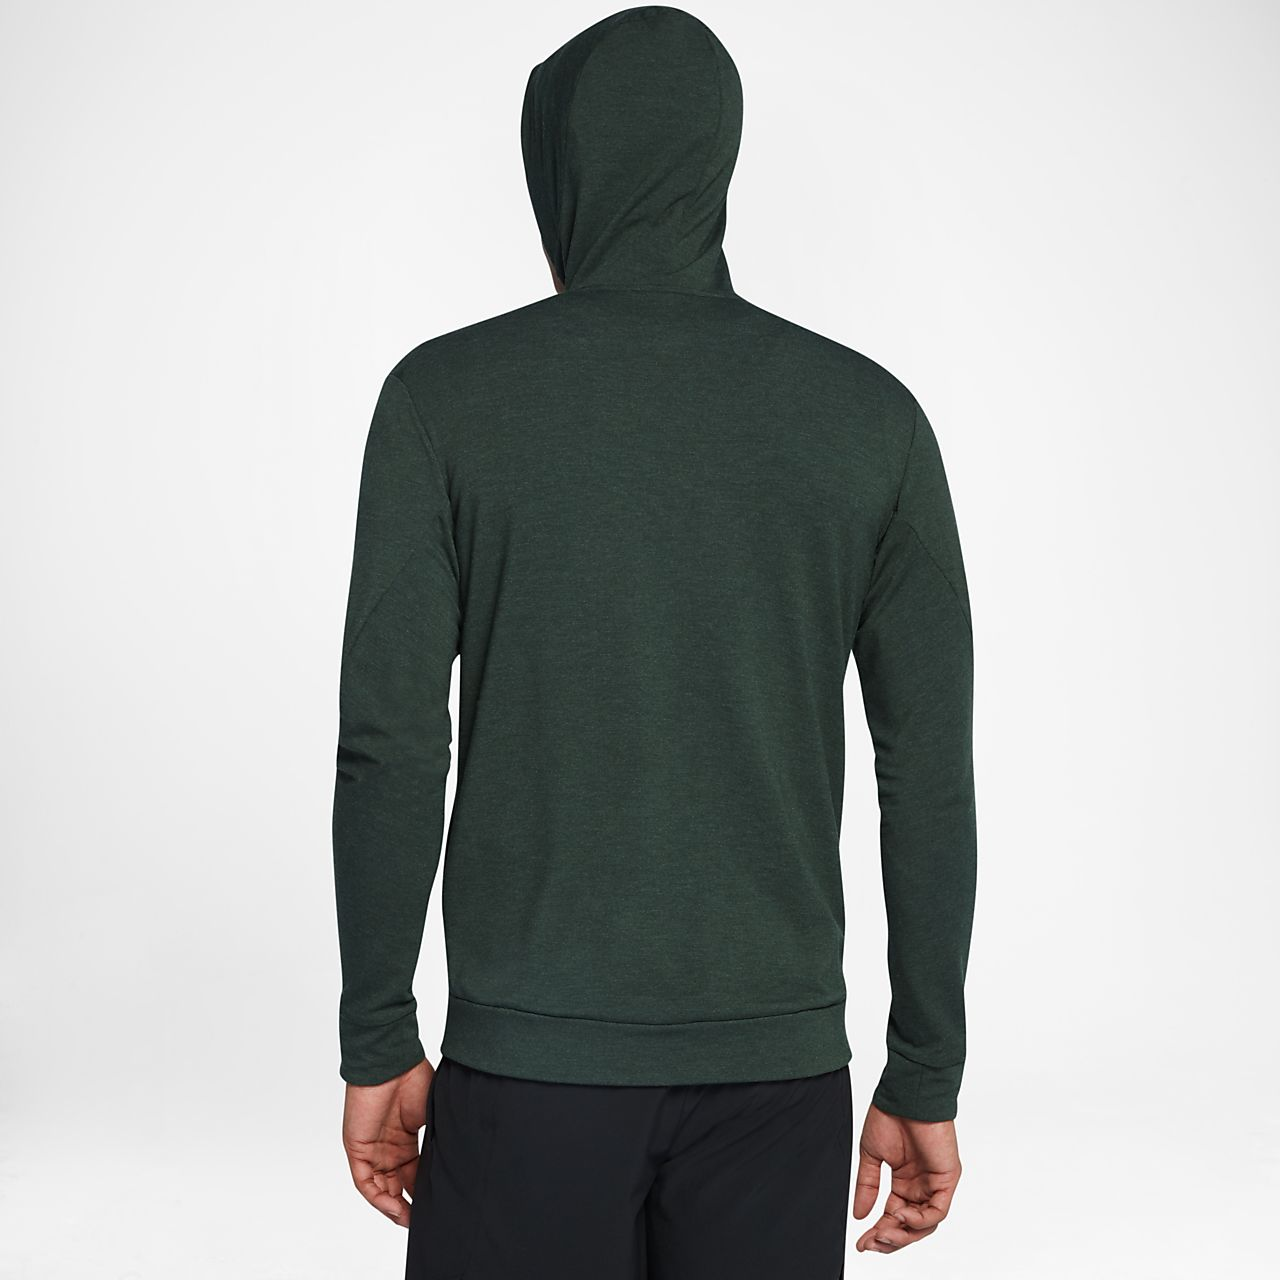 Nike Mens Training Hoodie - Nike Dri-FIT Fleece Full-Zip University Red/Black K80n5137